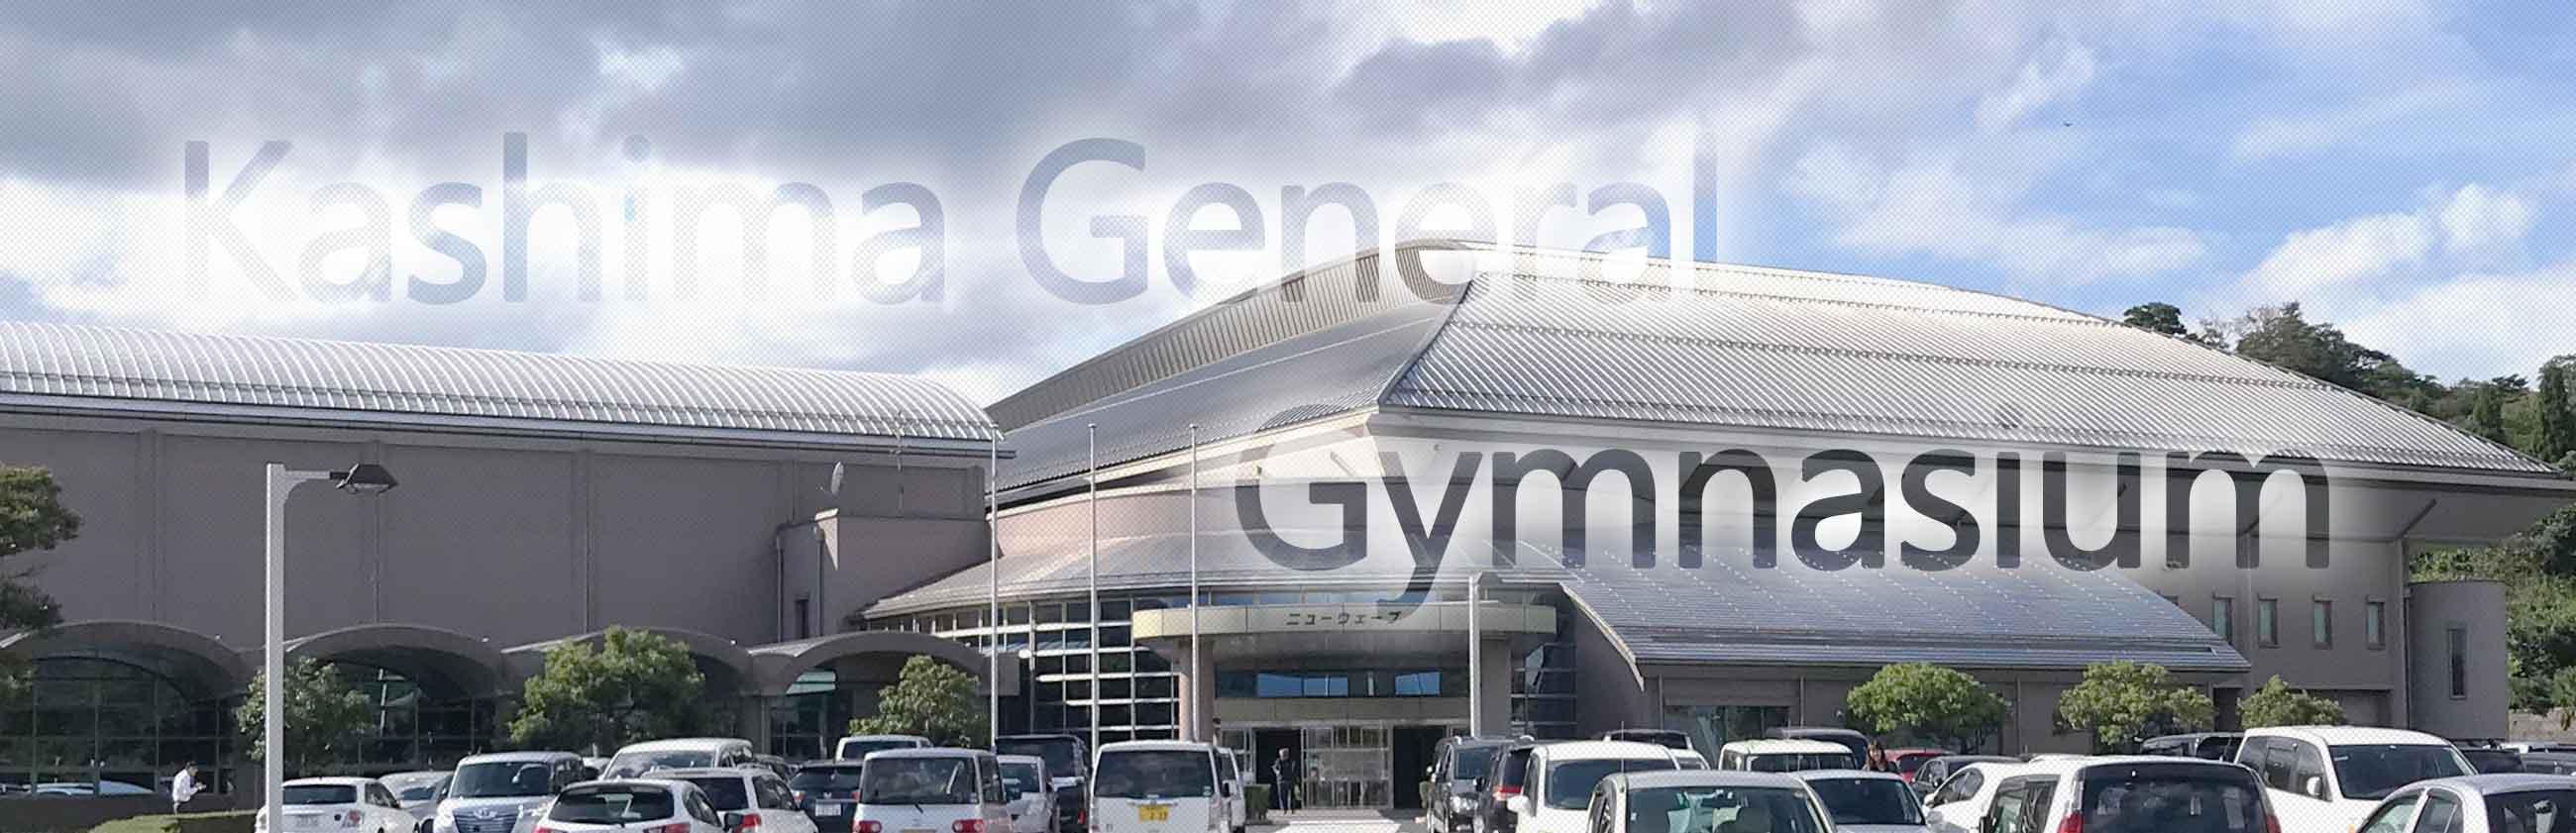 鹿島総合体育館